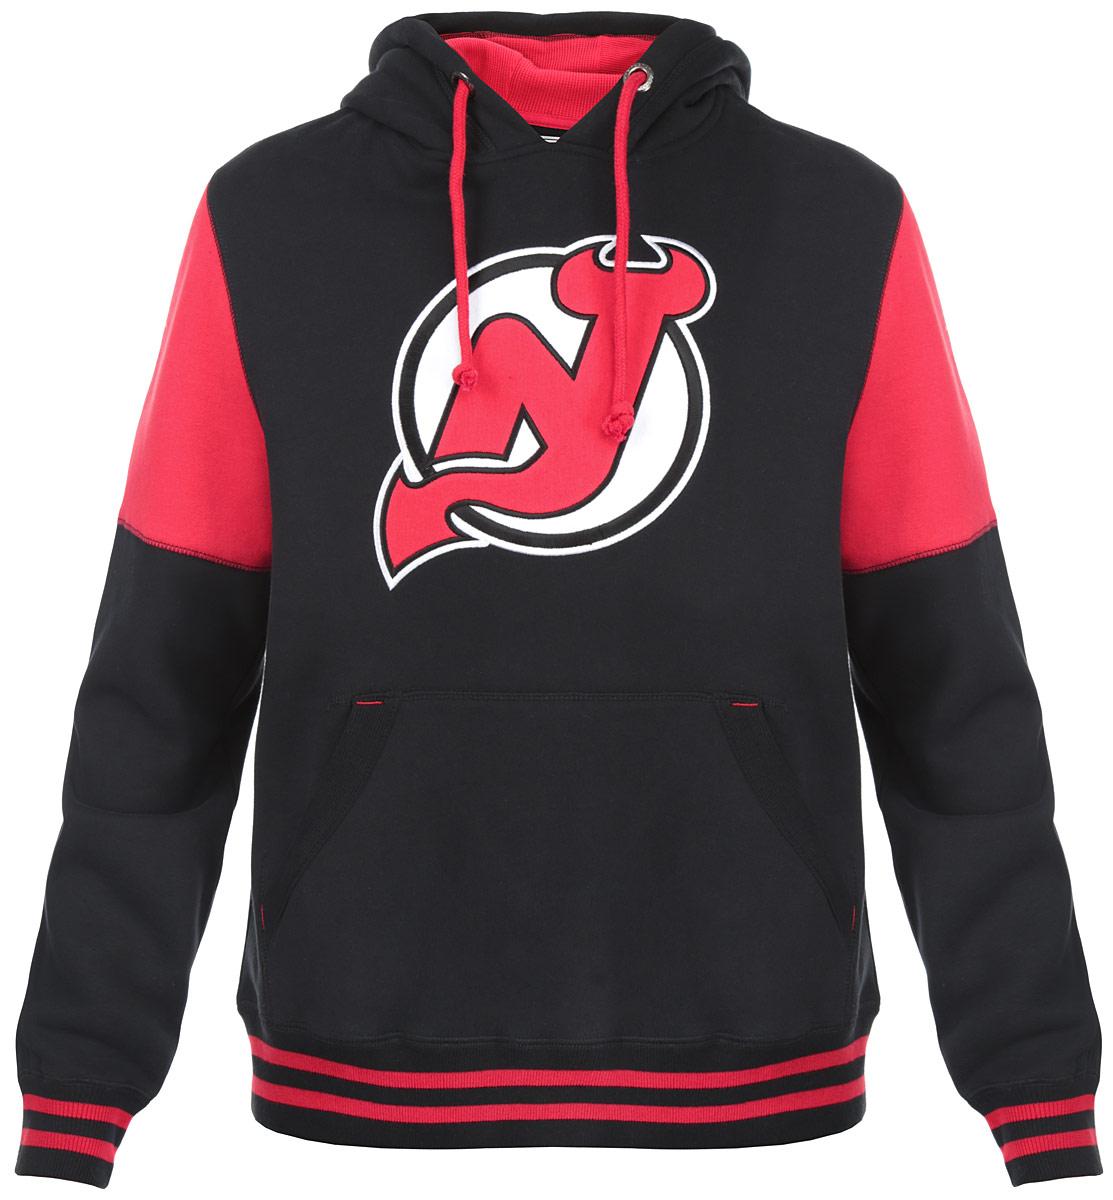 Толстовка мужская NHL New Jersey Devils, цвет:  черный, красный.  35330.  Размер XS (44) NHL